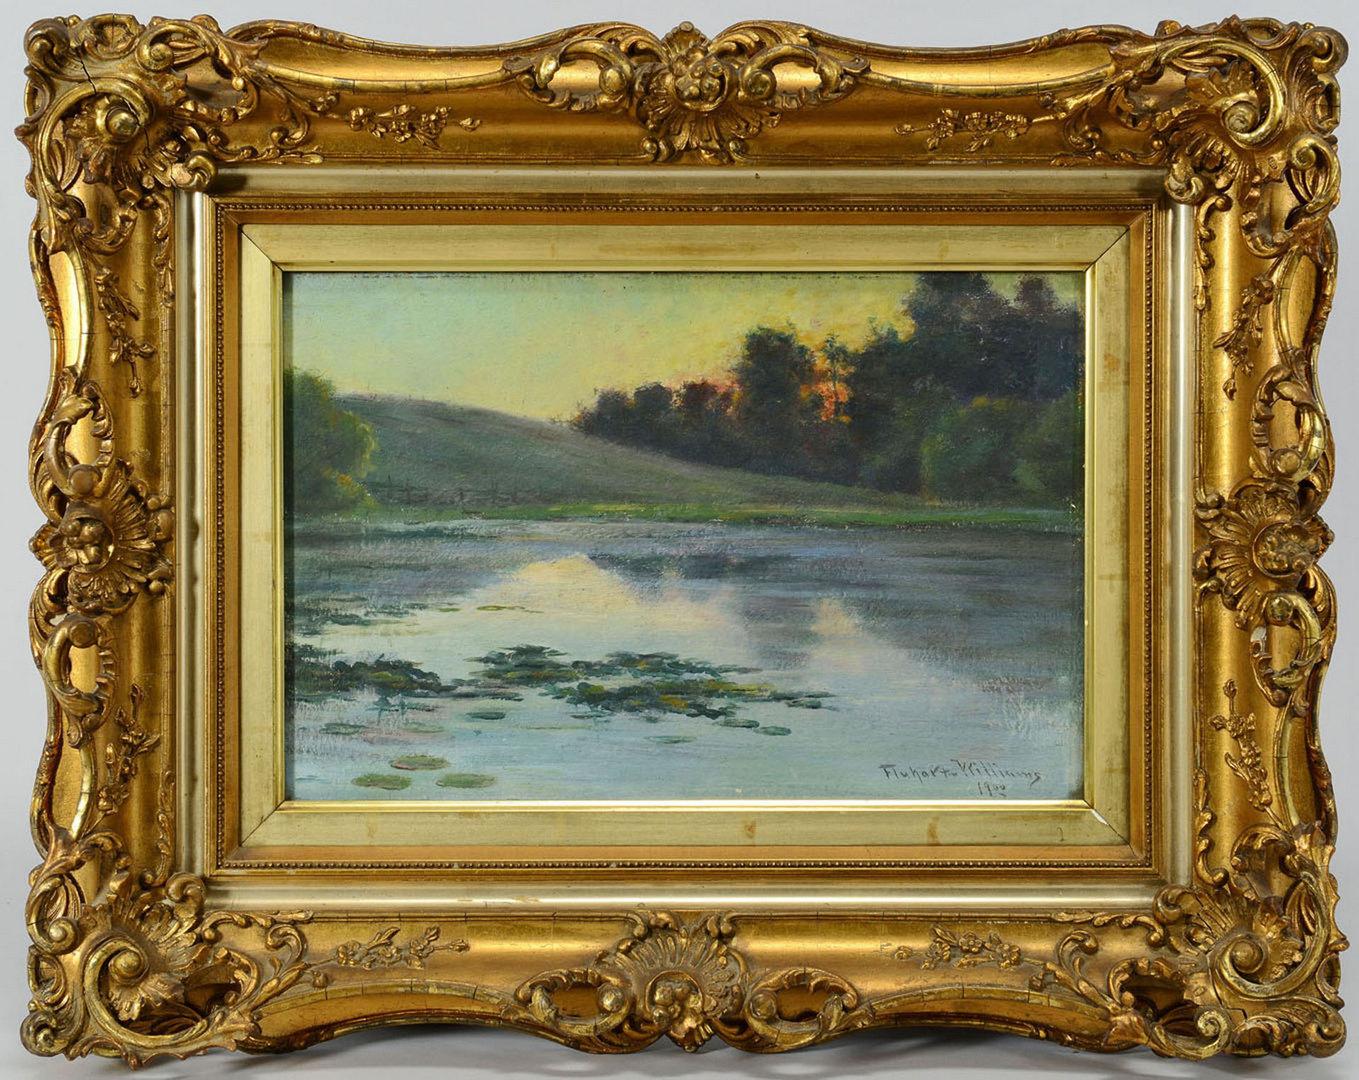 Lot 177: Oil on Board Landscape, Harry D. Fluhart Williams